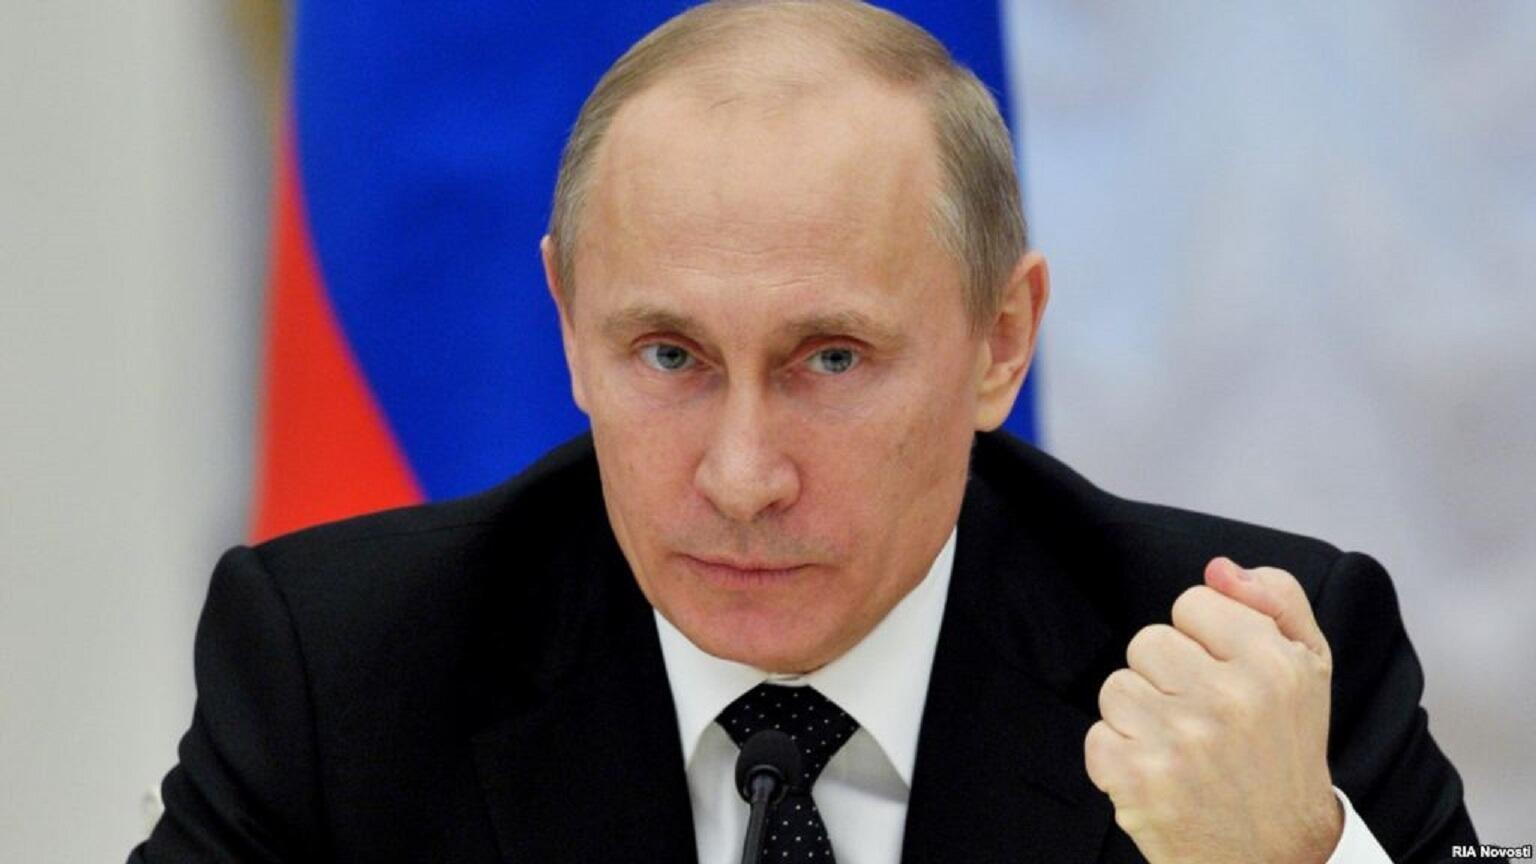 Путин: НАТО наращивает потенциал на границе с РФ